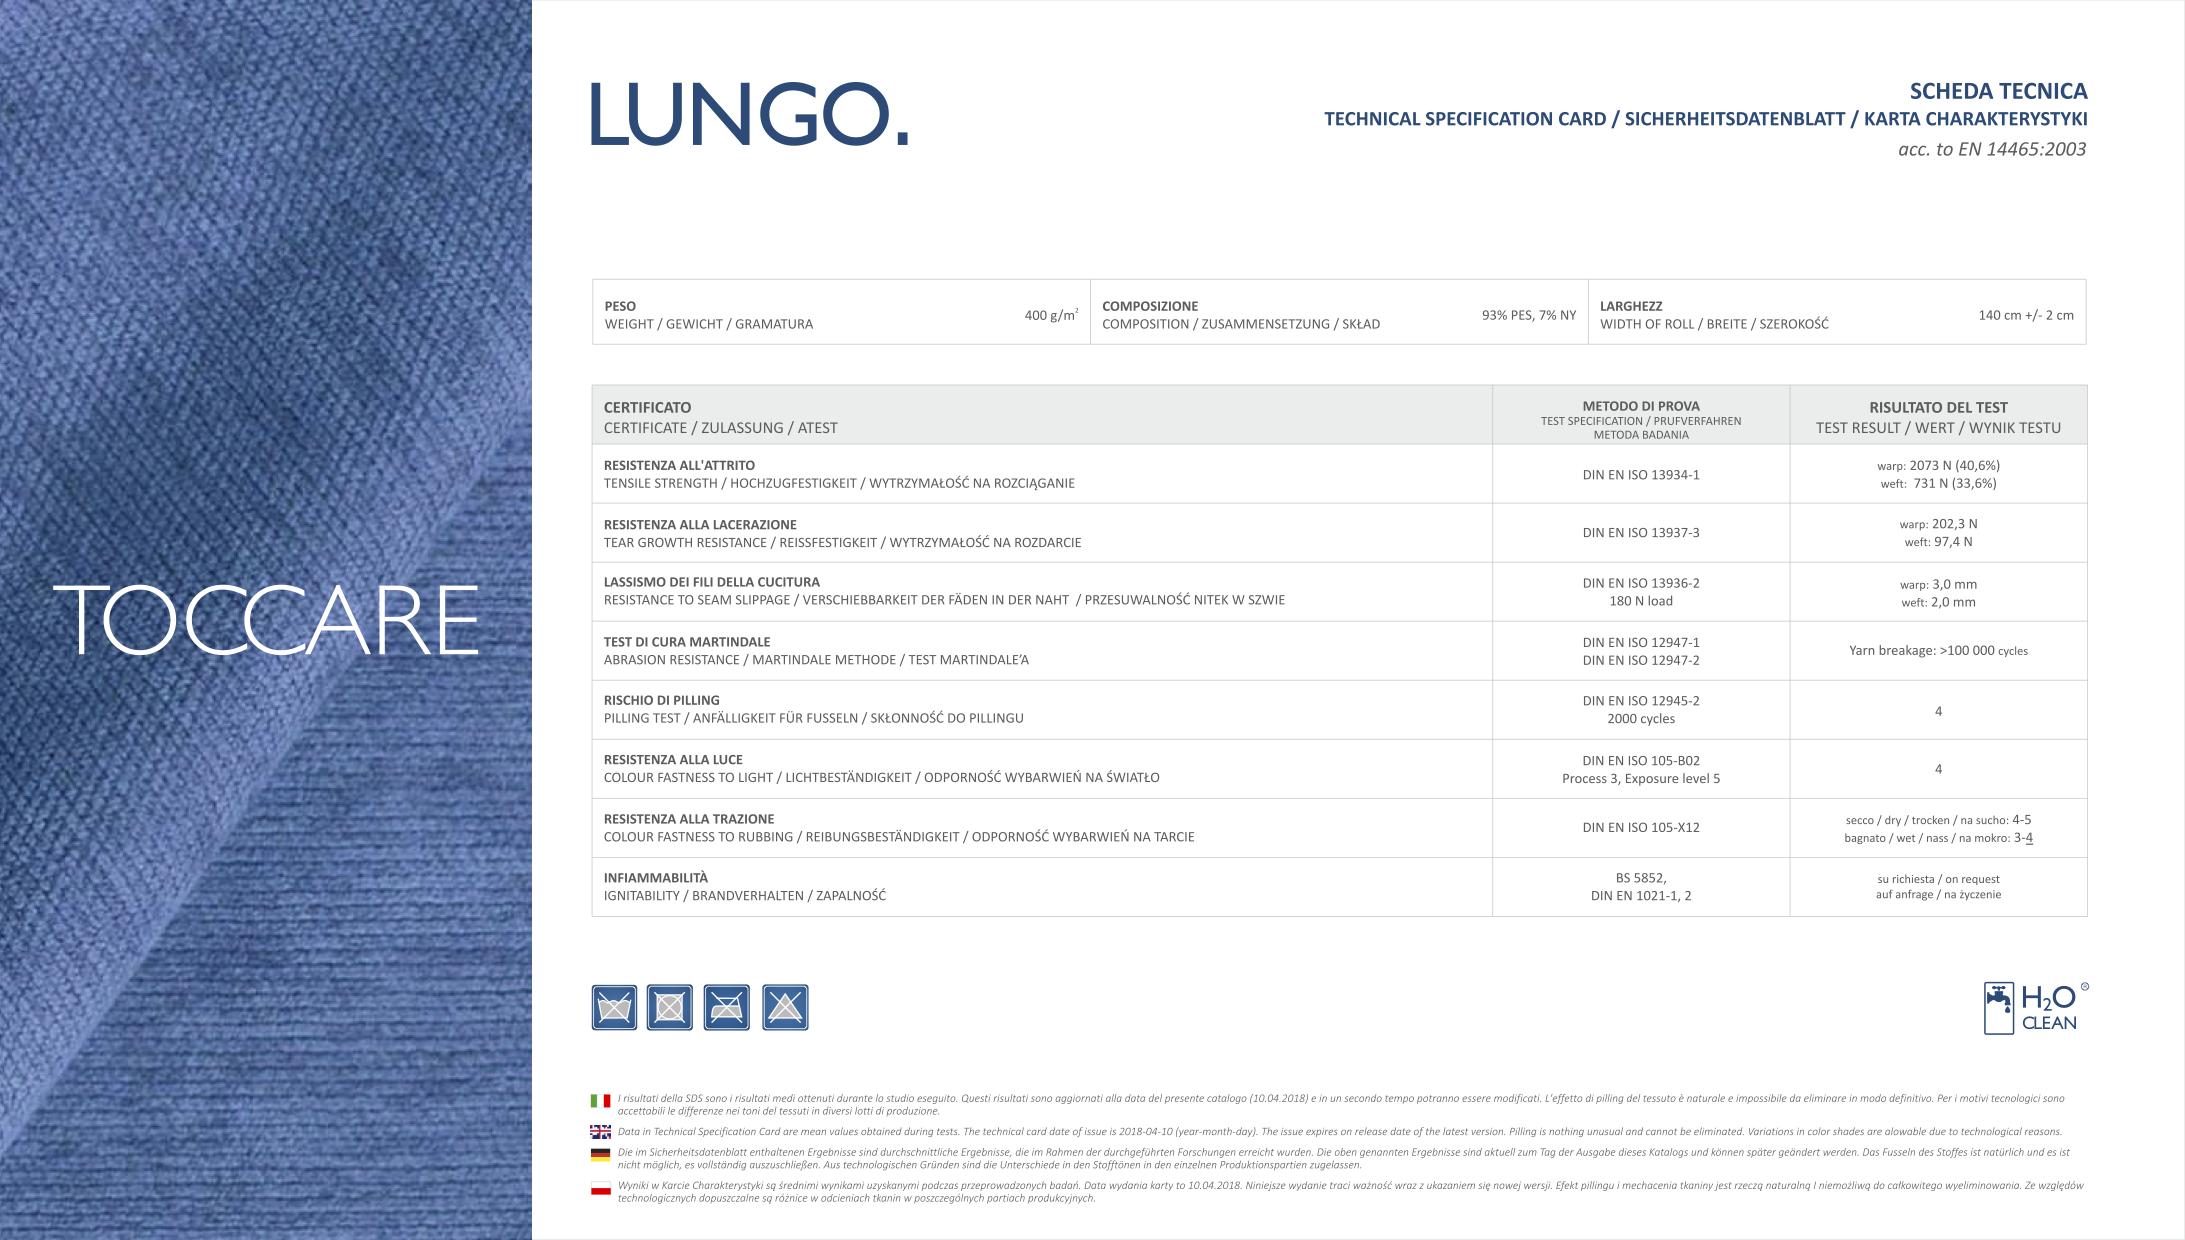 Karta techniczna tkanin Lungo marki Toccare dla mebli tapicerowanych producenta Meblosoft